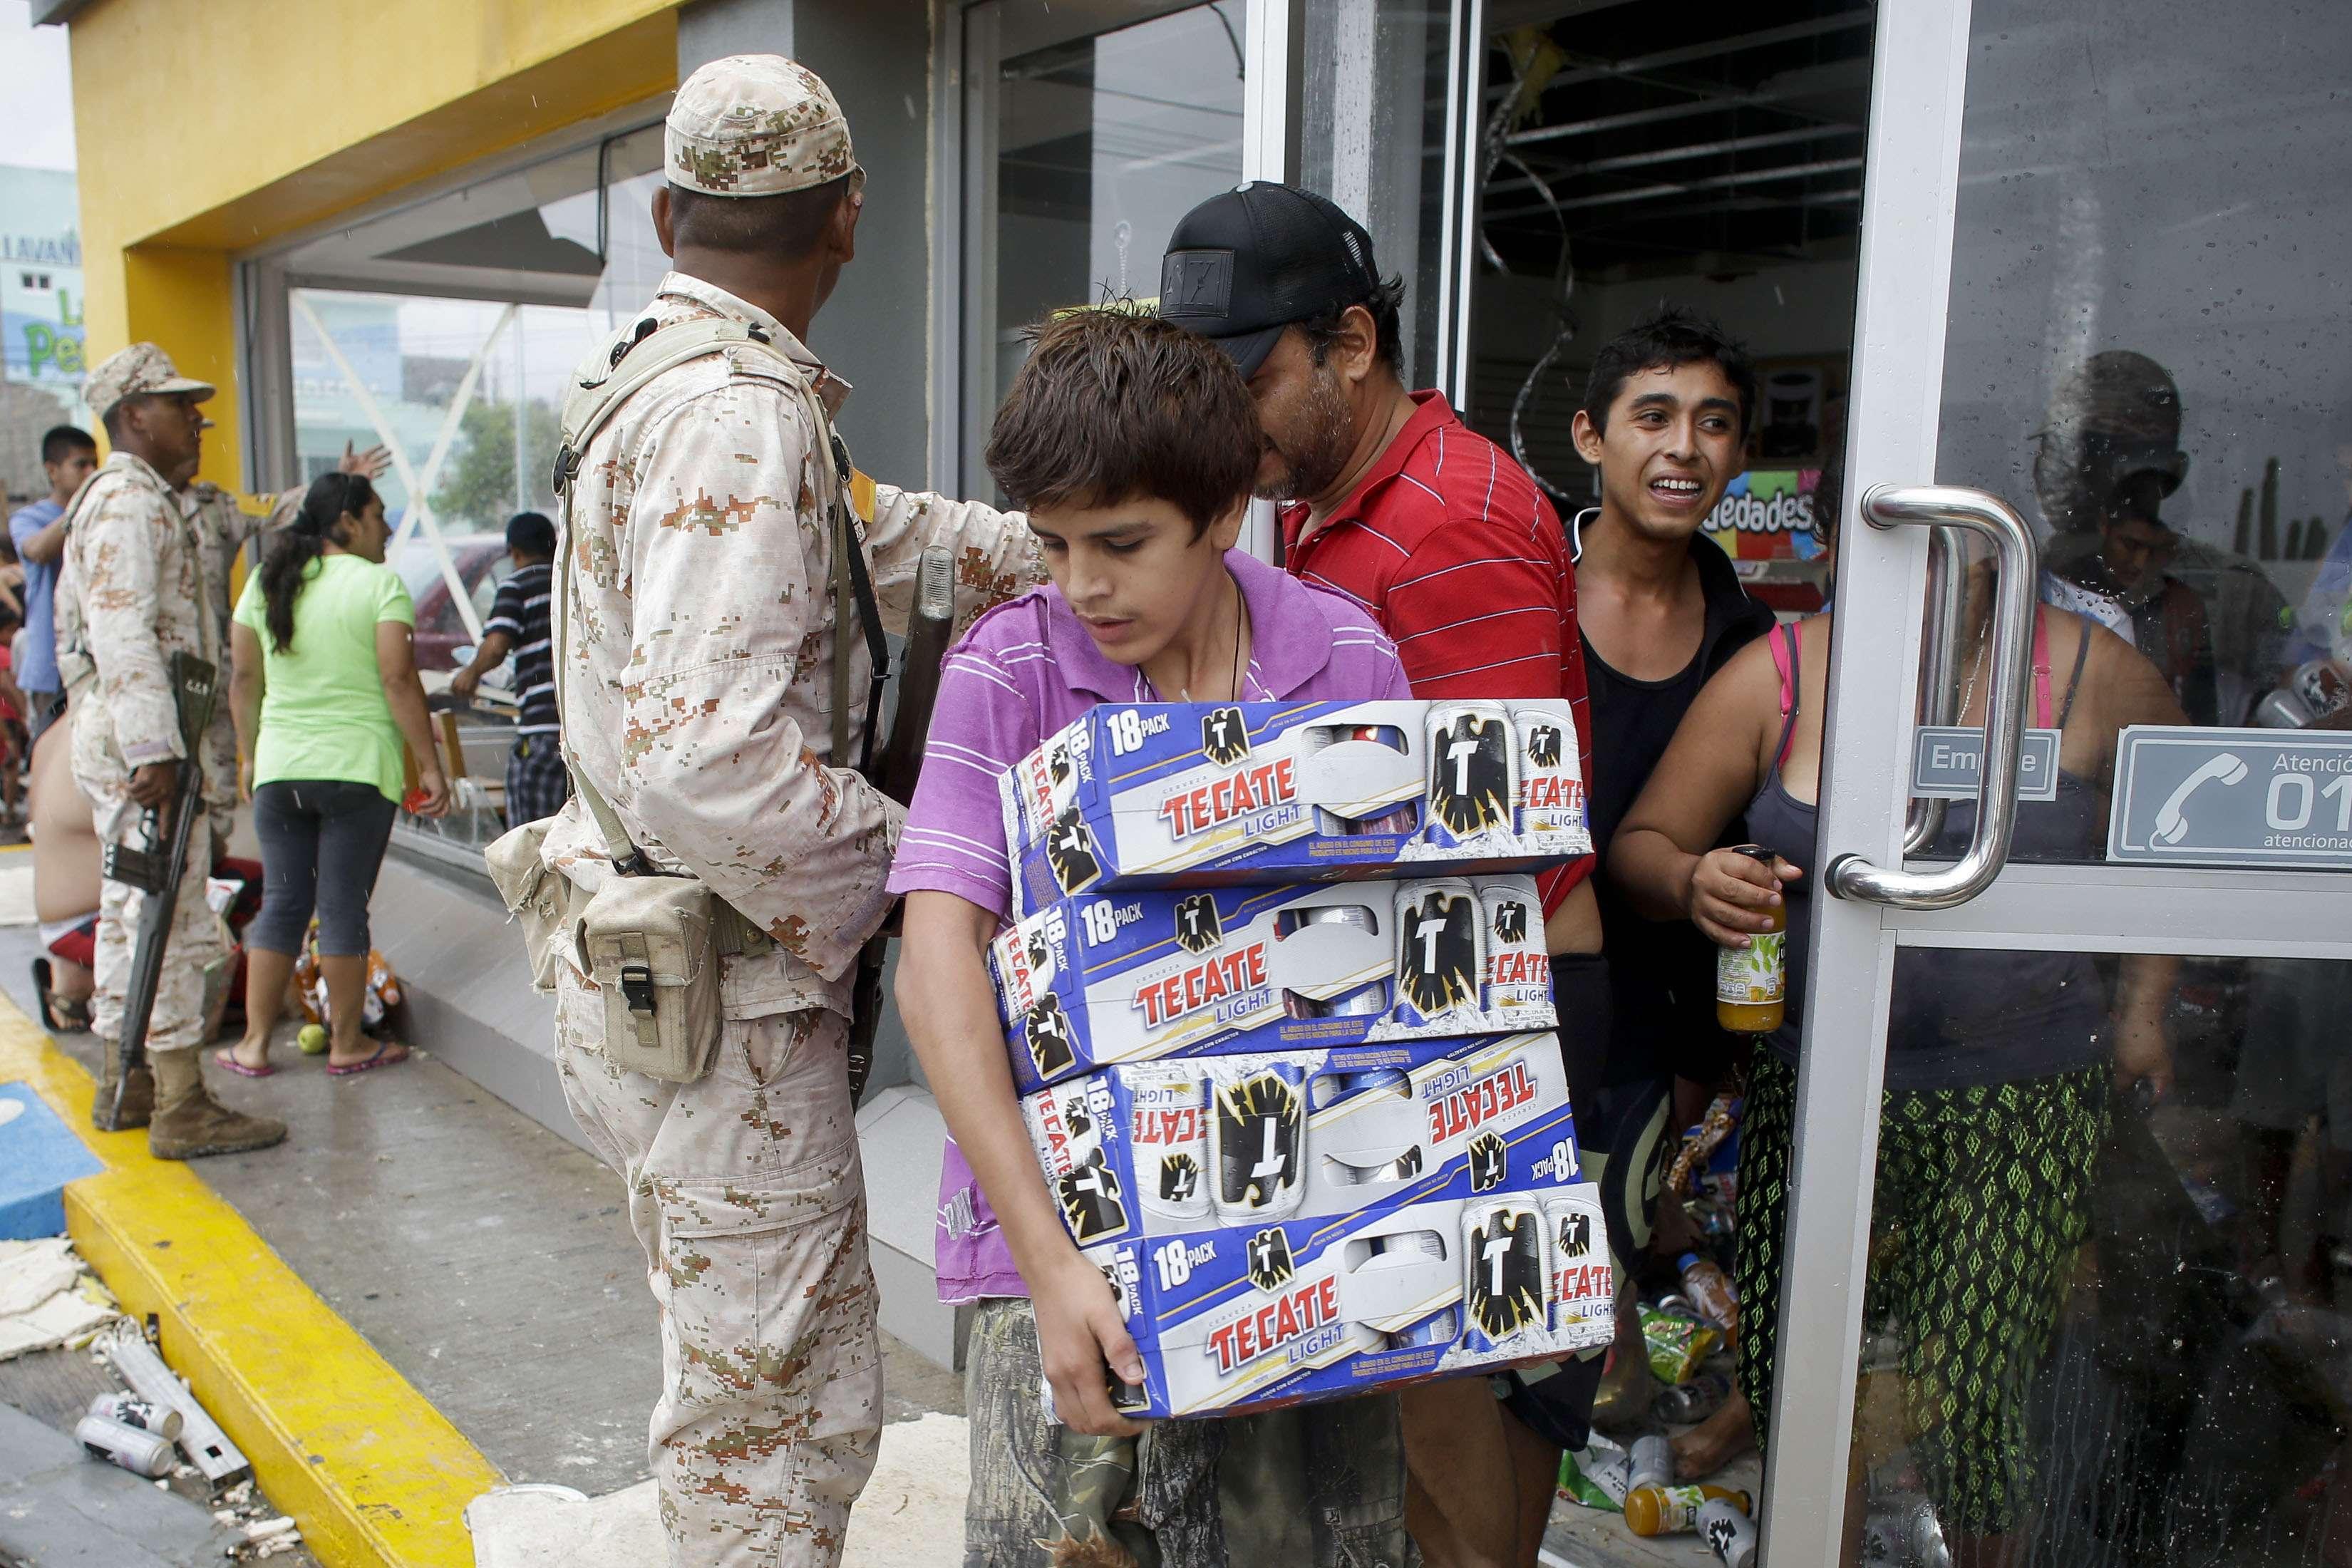 Habitantes de Los Cabos aprovecharon el daño a los comercios por el paso del huracán Odile para saquearlos, aún enfrente de soldados Foto: AP